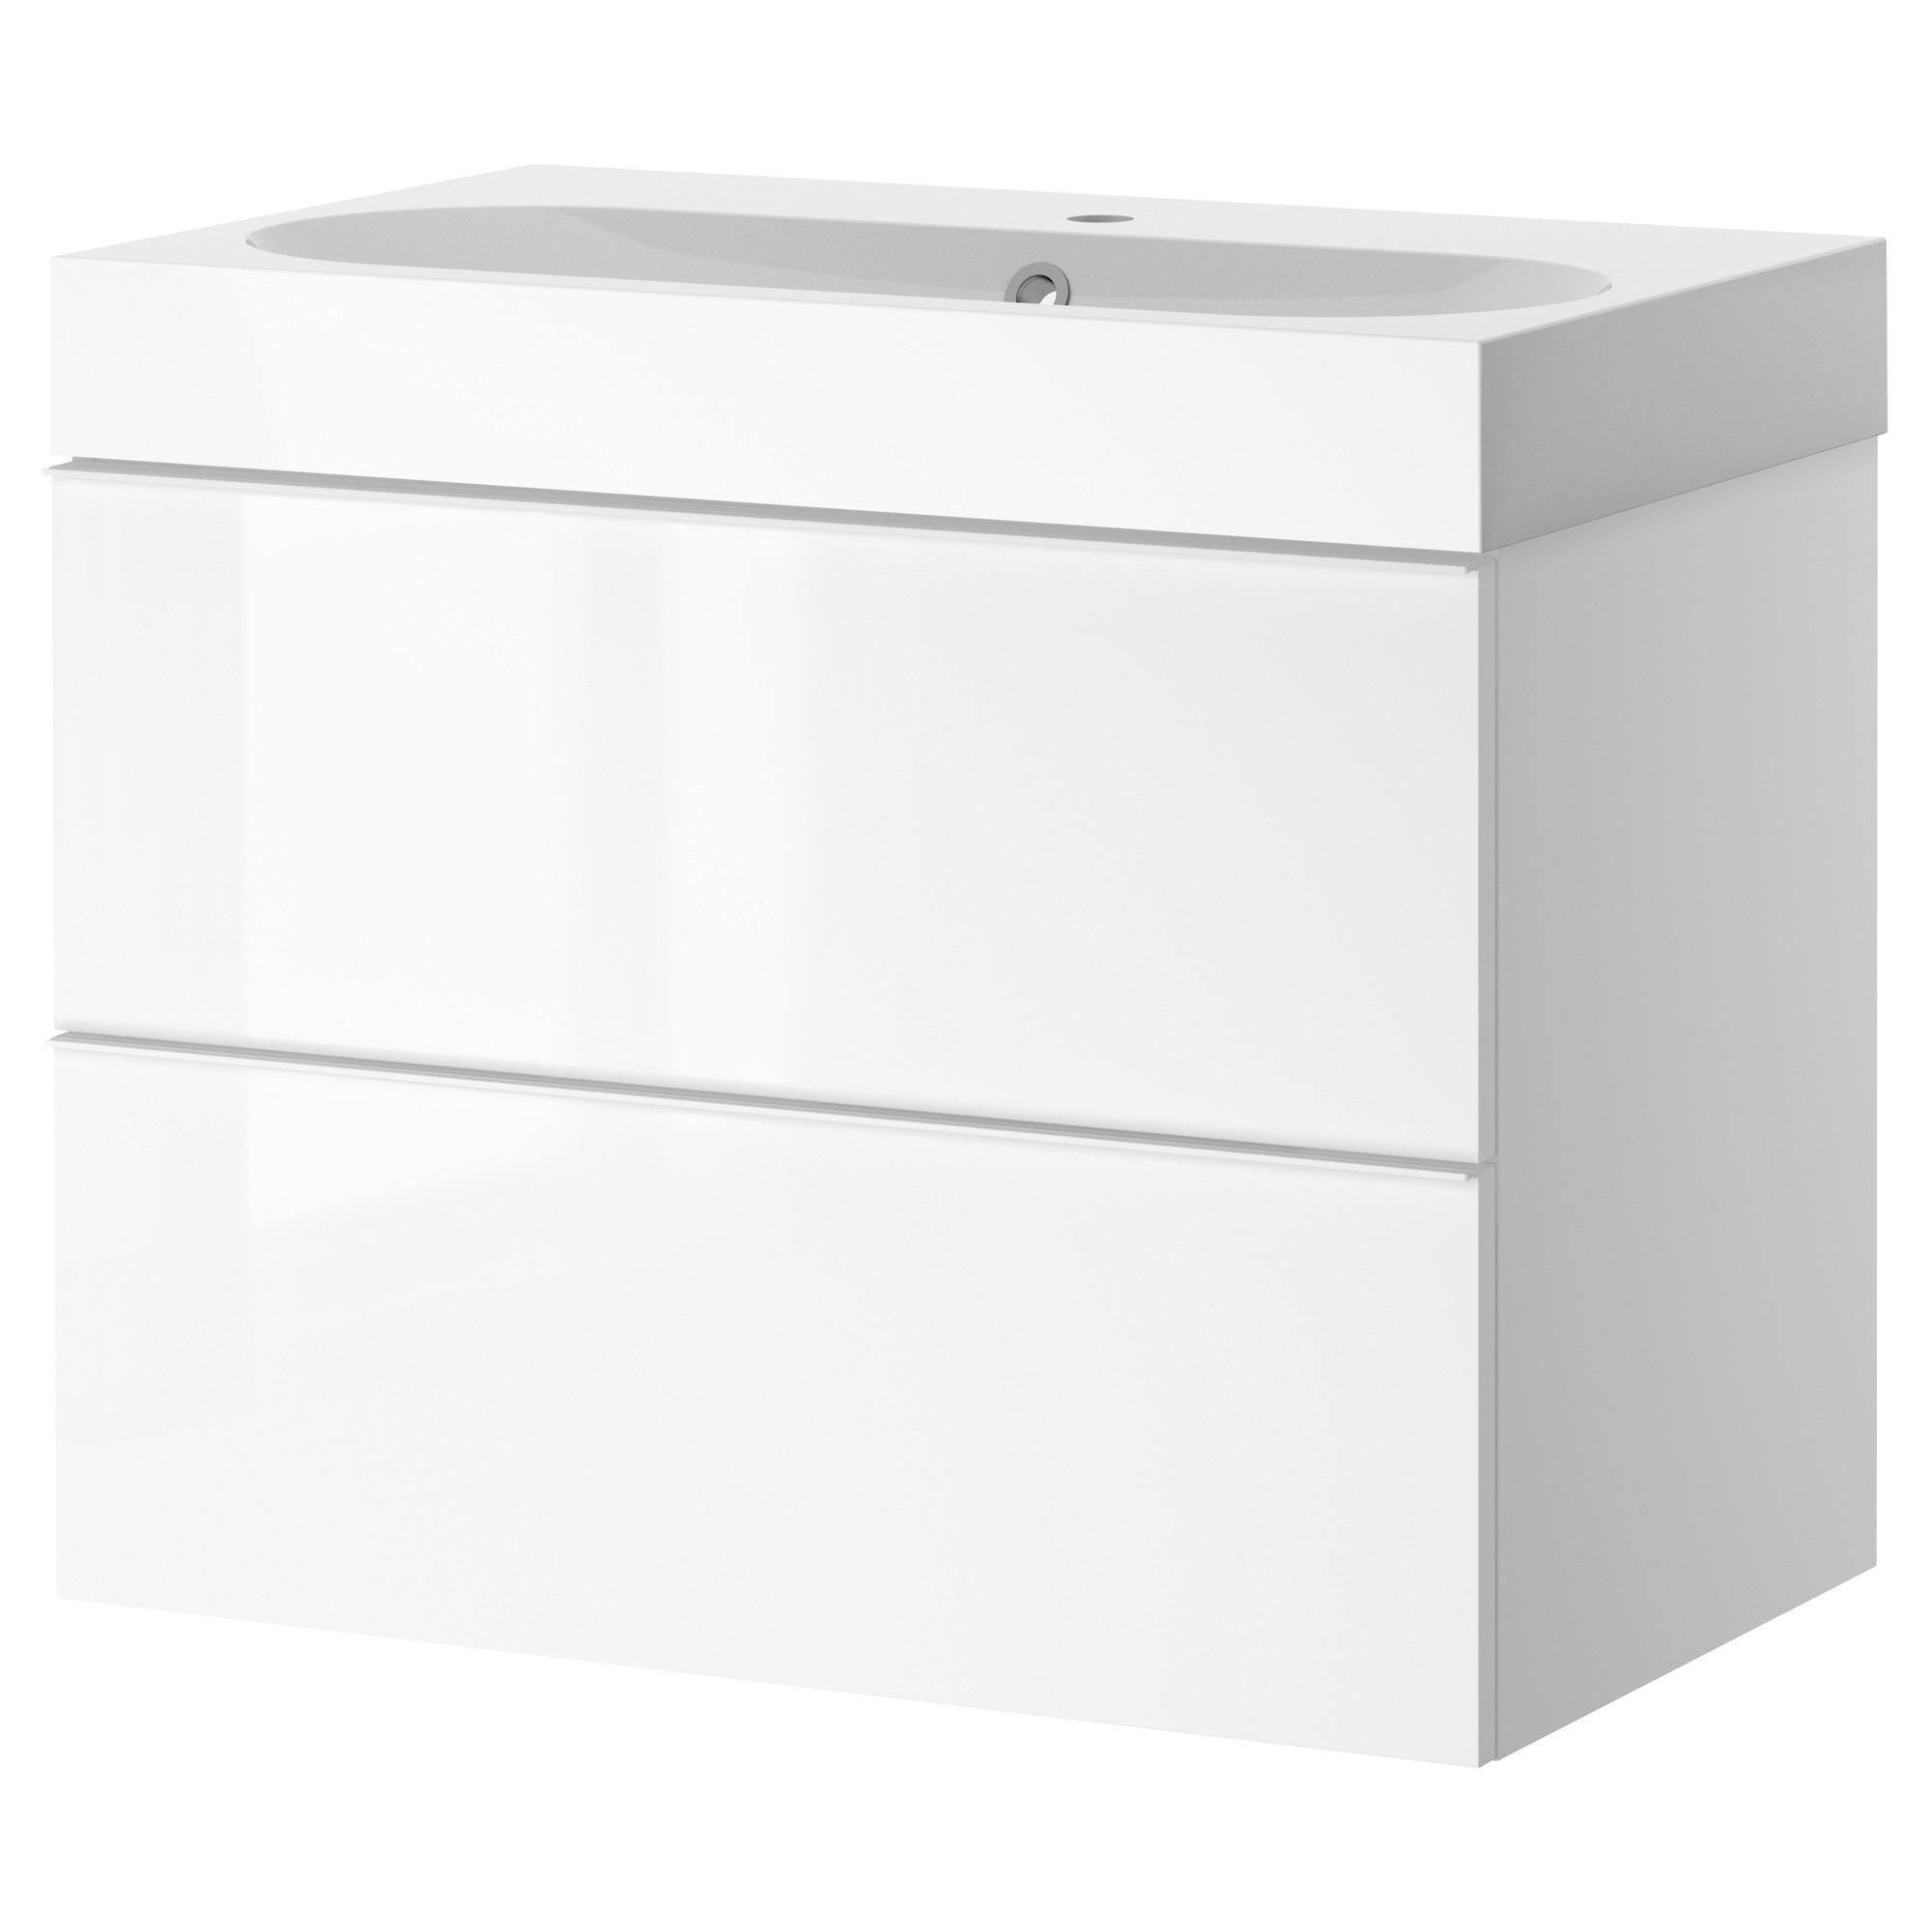 GODMORGON/BRAVIKEN armario lavabo 2 cajones 80cm